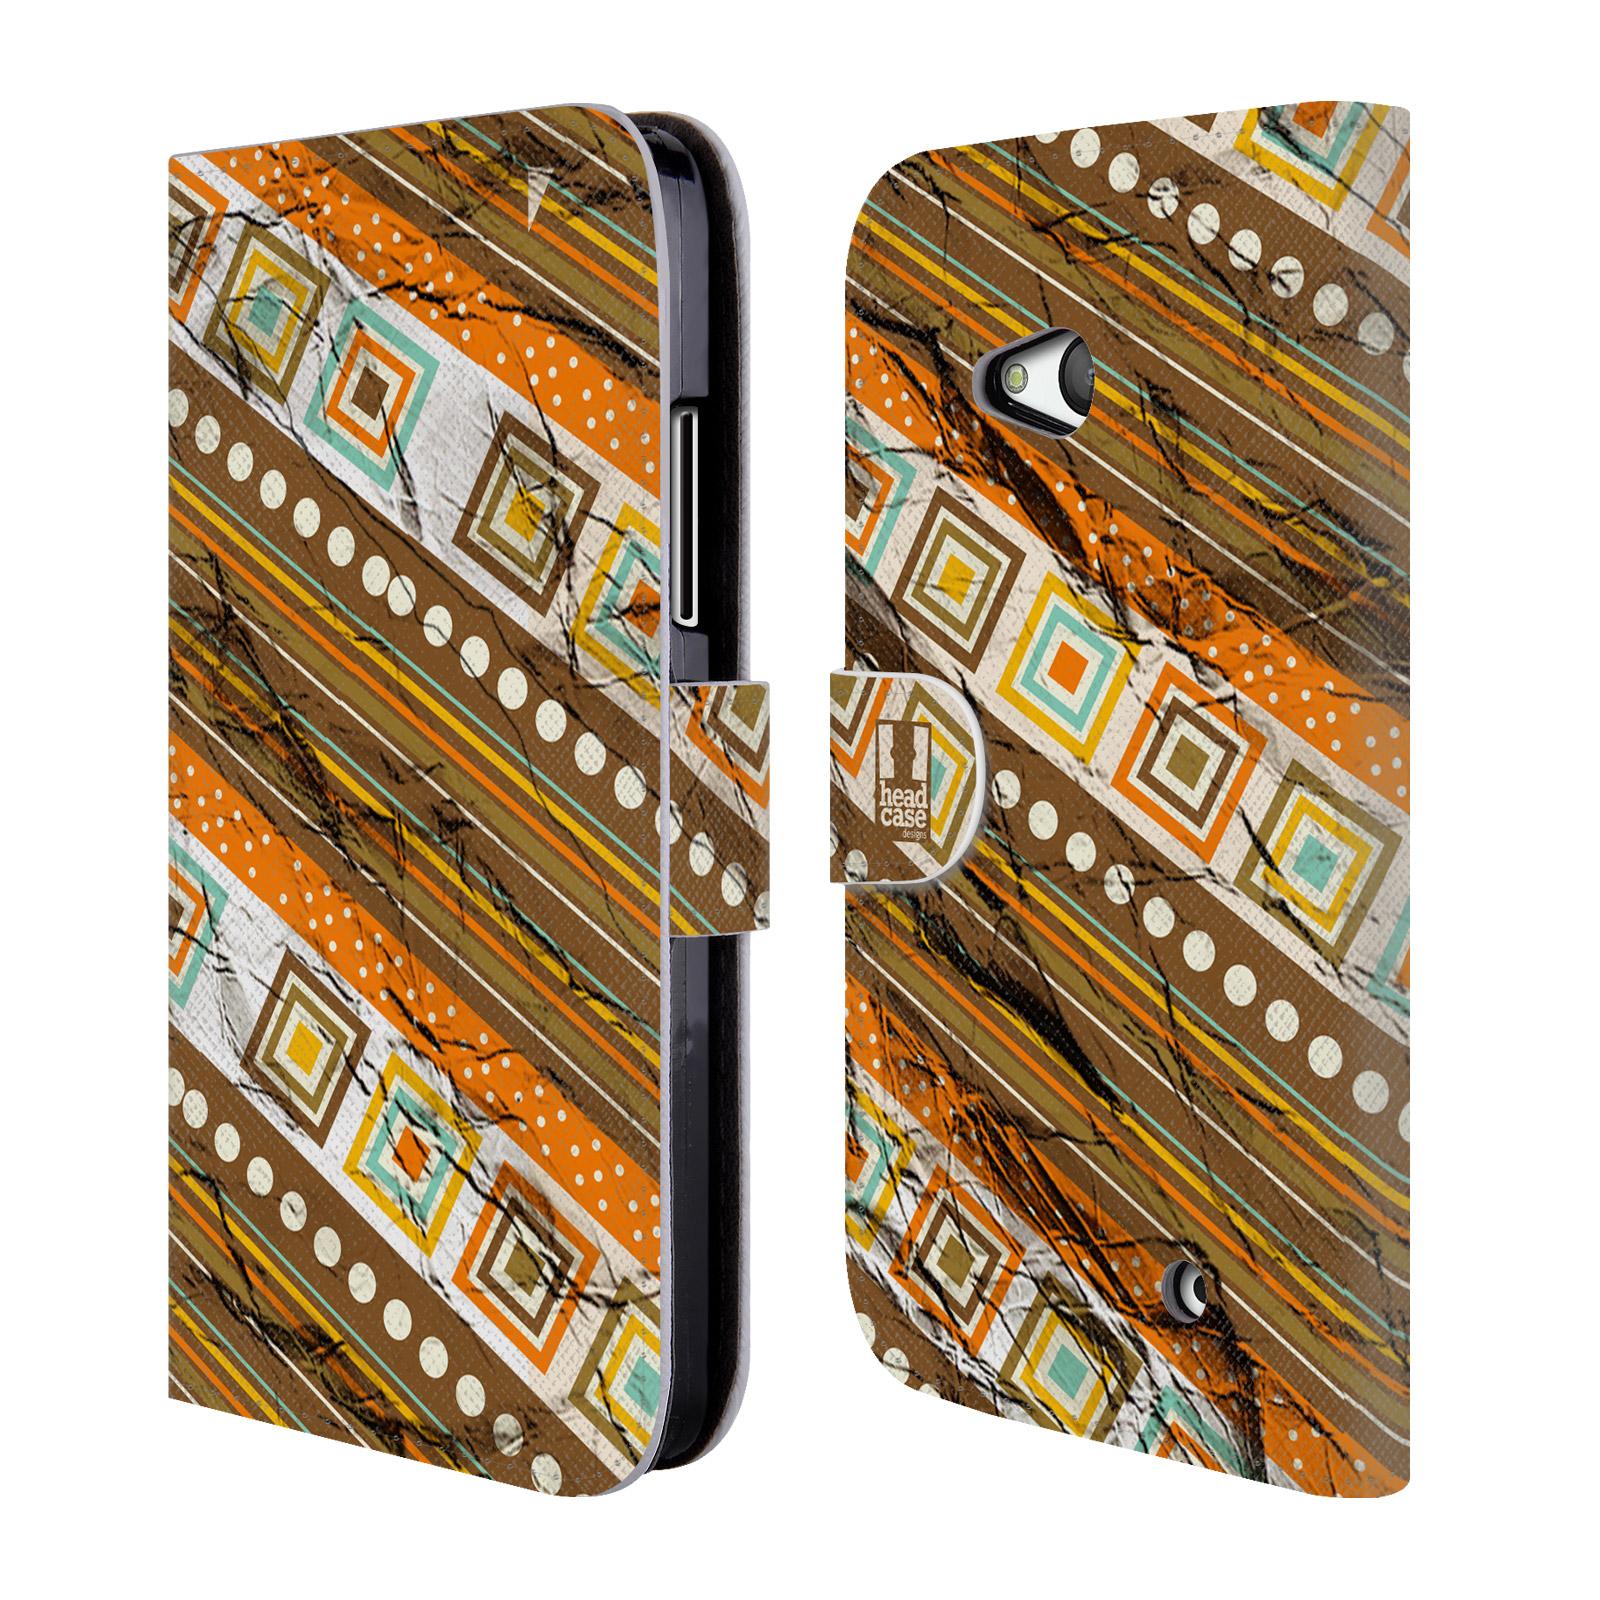 HEAD CASE Flipové pouzdro pro mobil NOKIA / MICROSOFT LUMIA 640 / LUMIA 640 DUAL retro textura indie pokrčený